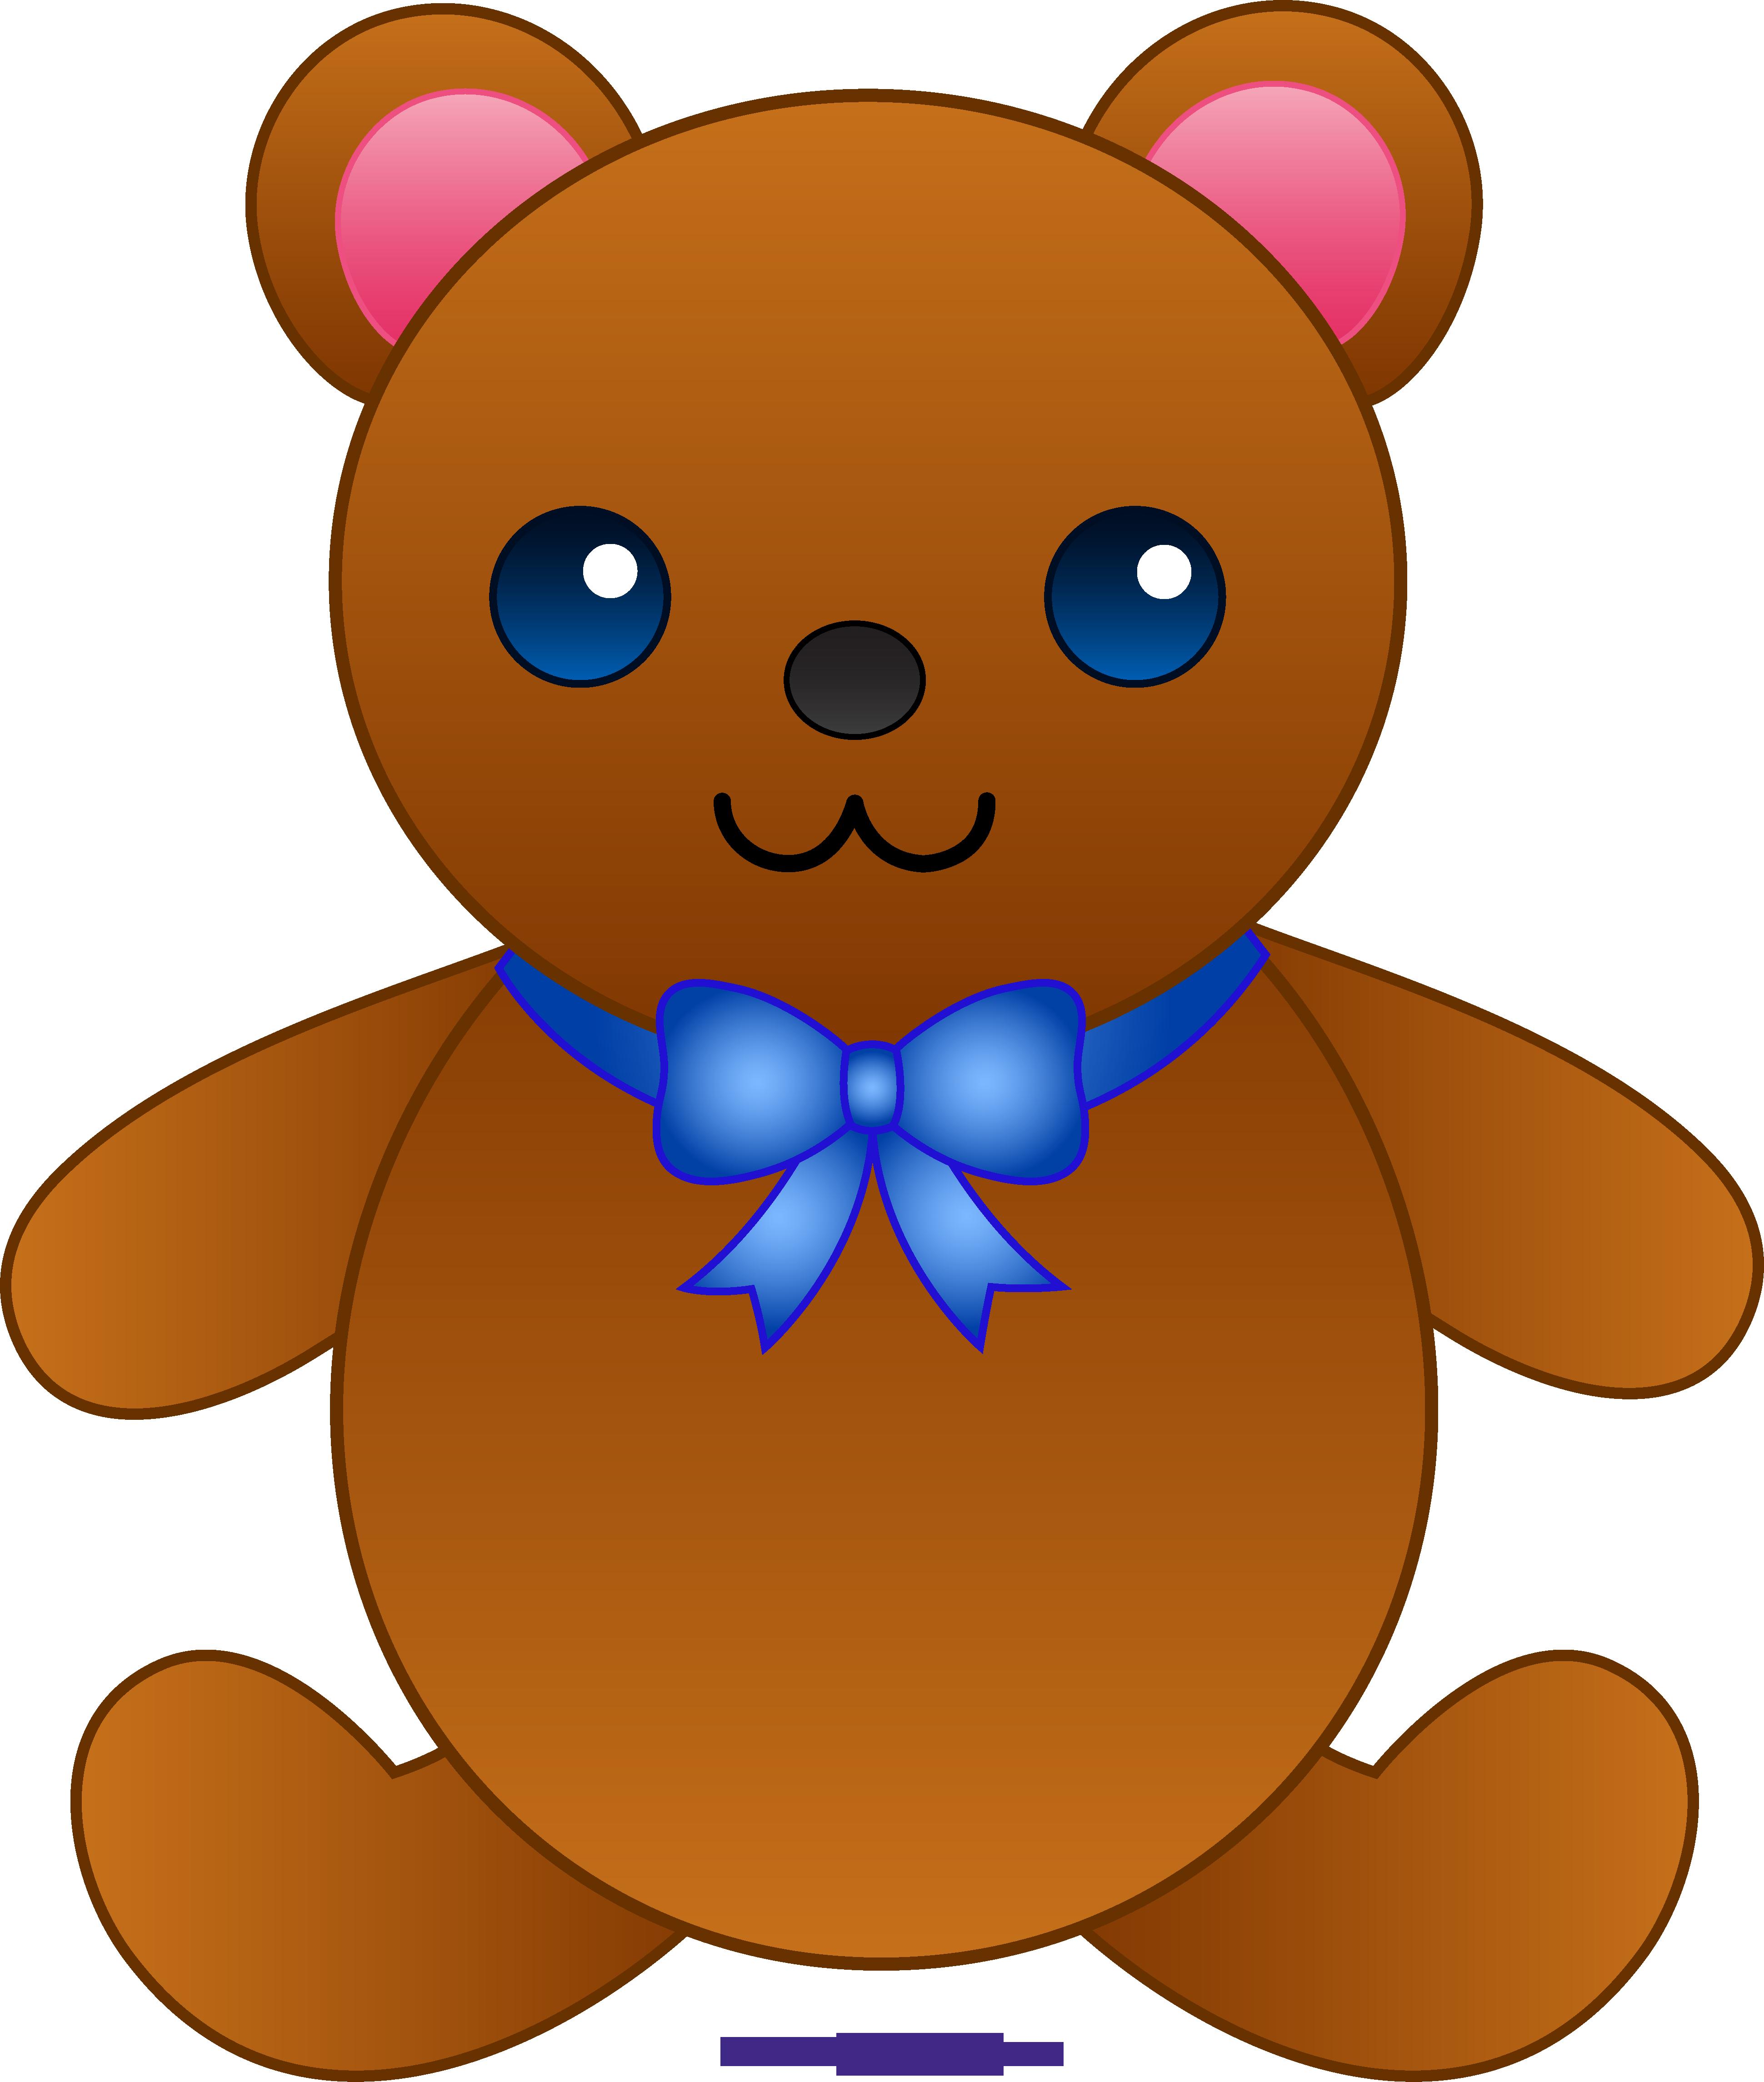 3881x4581 Cute Teddy Bear With Bowtie Clipart